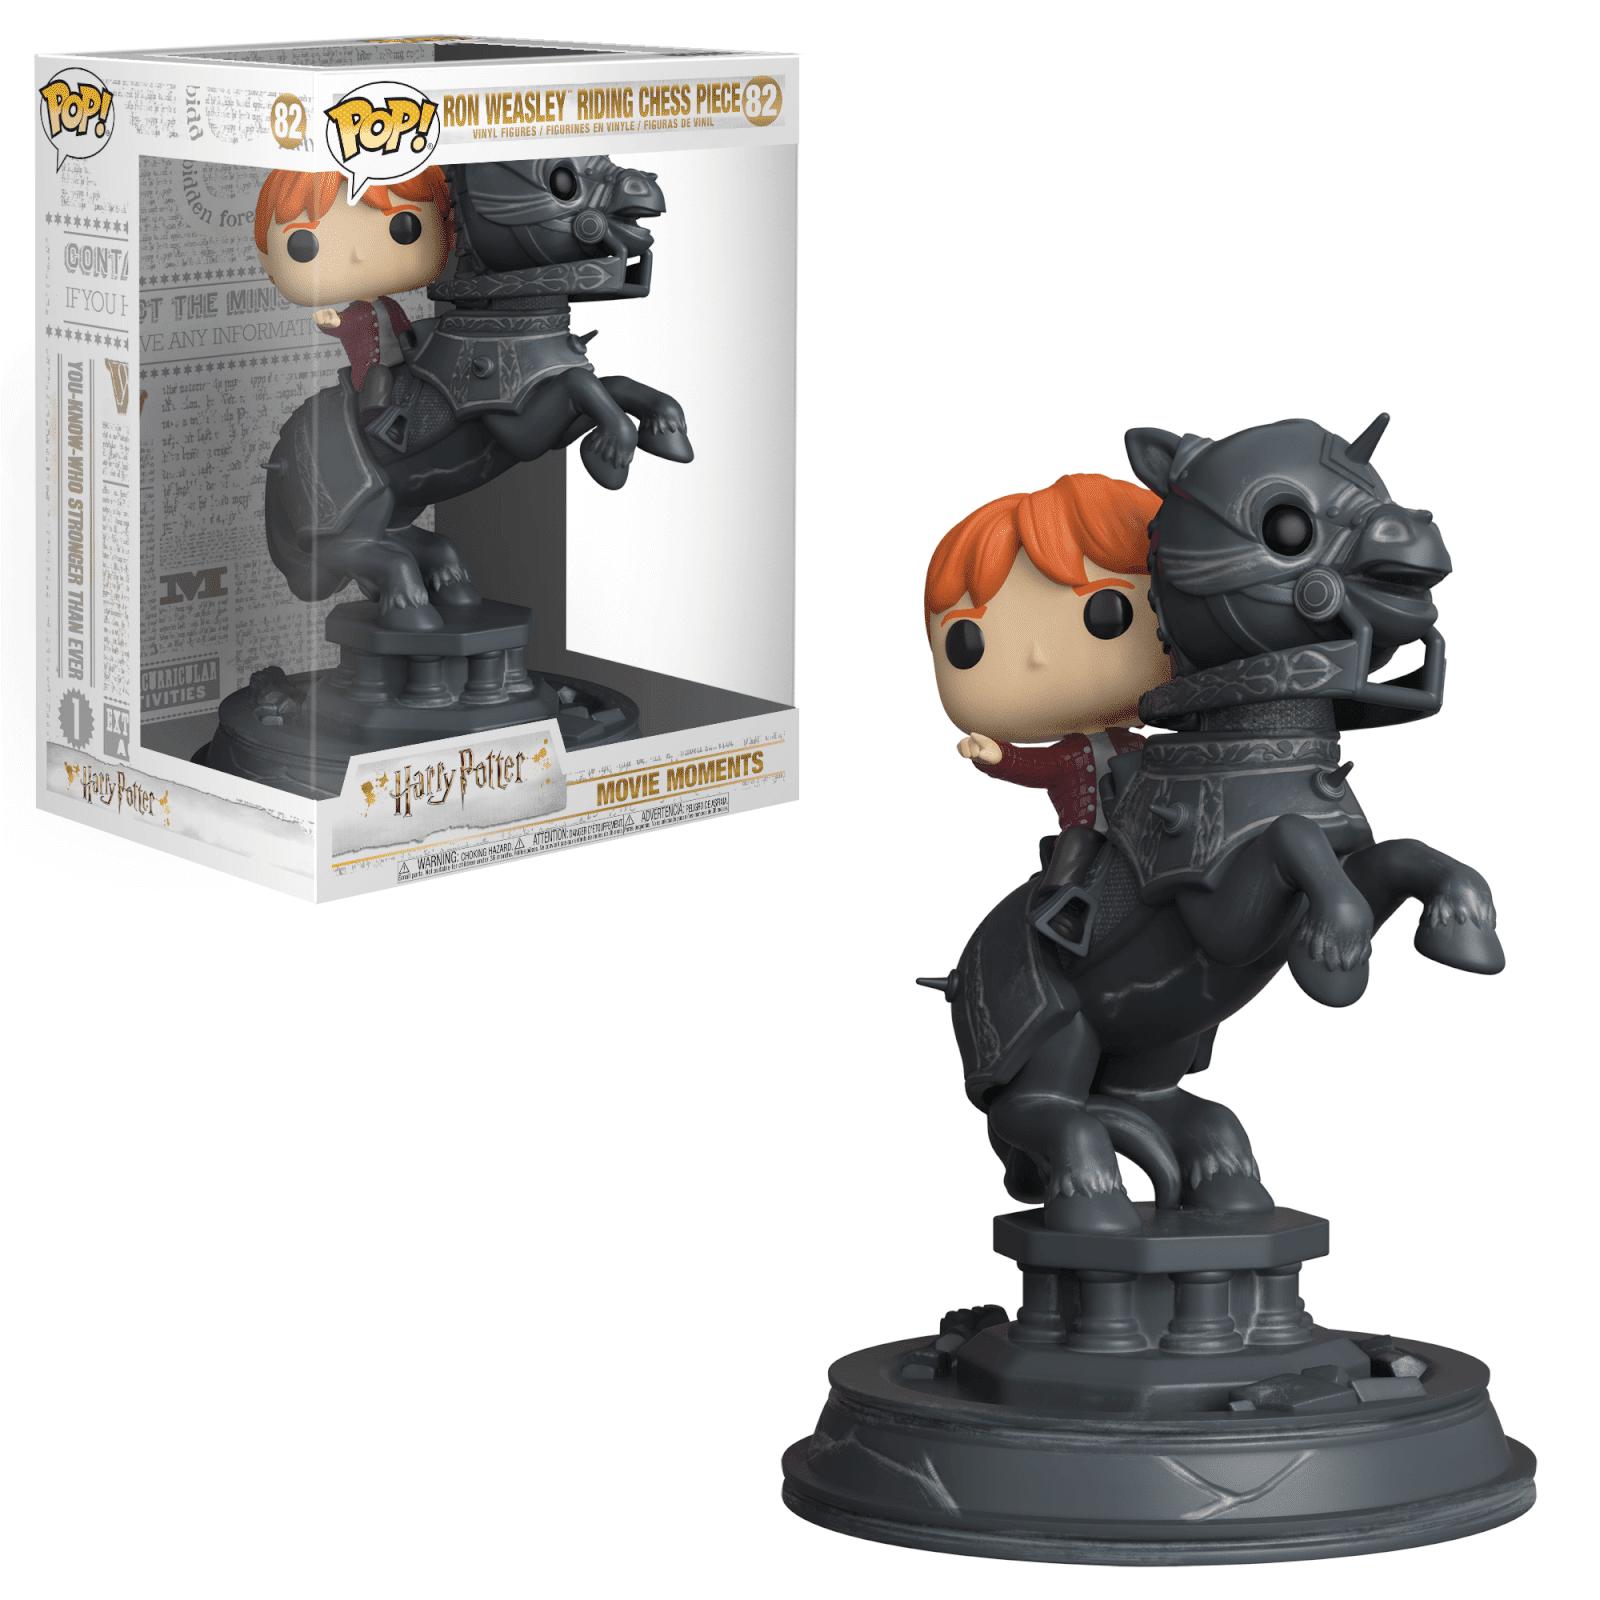 Pop! Vinyl Figurine Pop! Movie Moment - Ron Weasley sur Pièce D'Échec Harry Potter